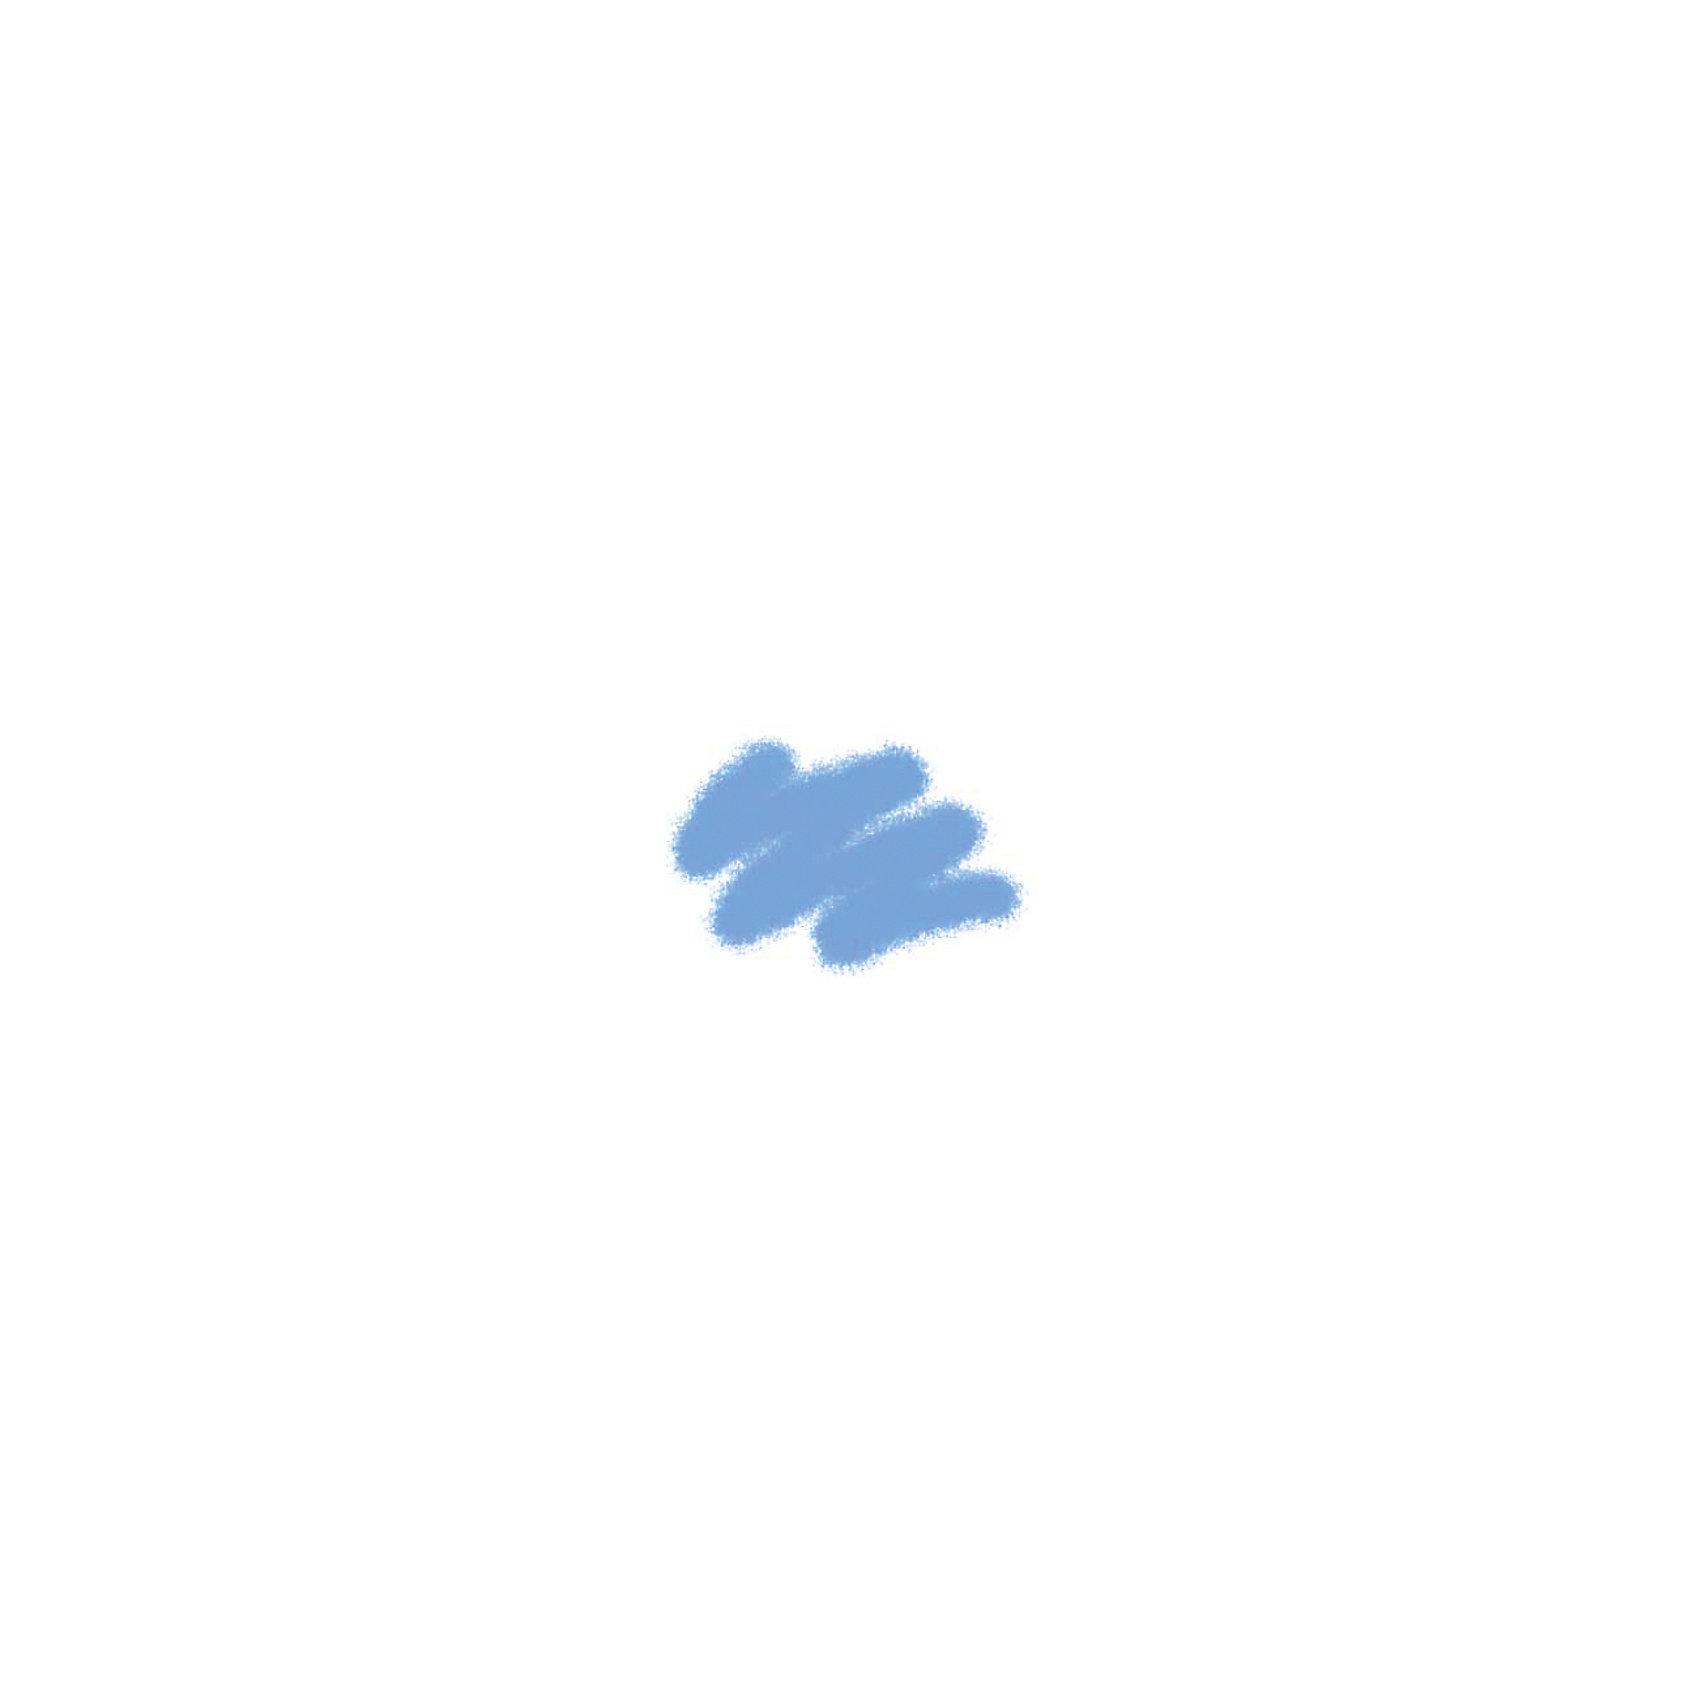 Акриловая краска для моделей Звезда, голубая авиационная 12 млМодели для склеивания<br>Краска голубая-авиа<br><br>Ширина мм: 18<br>Глубина мм: 18<br>Высота мм: 58<br>Вес г: 19<br>Возраст от месяцев: 72<br>Возраст до месяцев: 180<br>Пол: Мужской<br>Возраст: Детский<br>SKU: 7086626